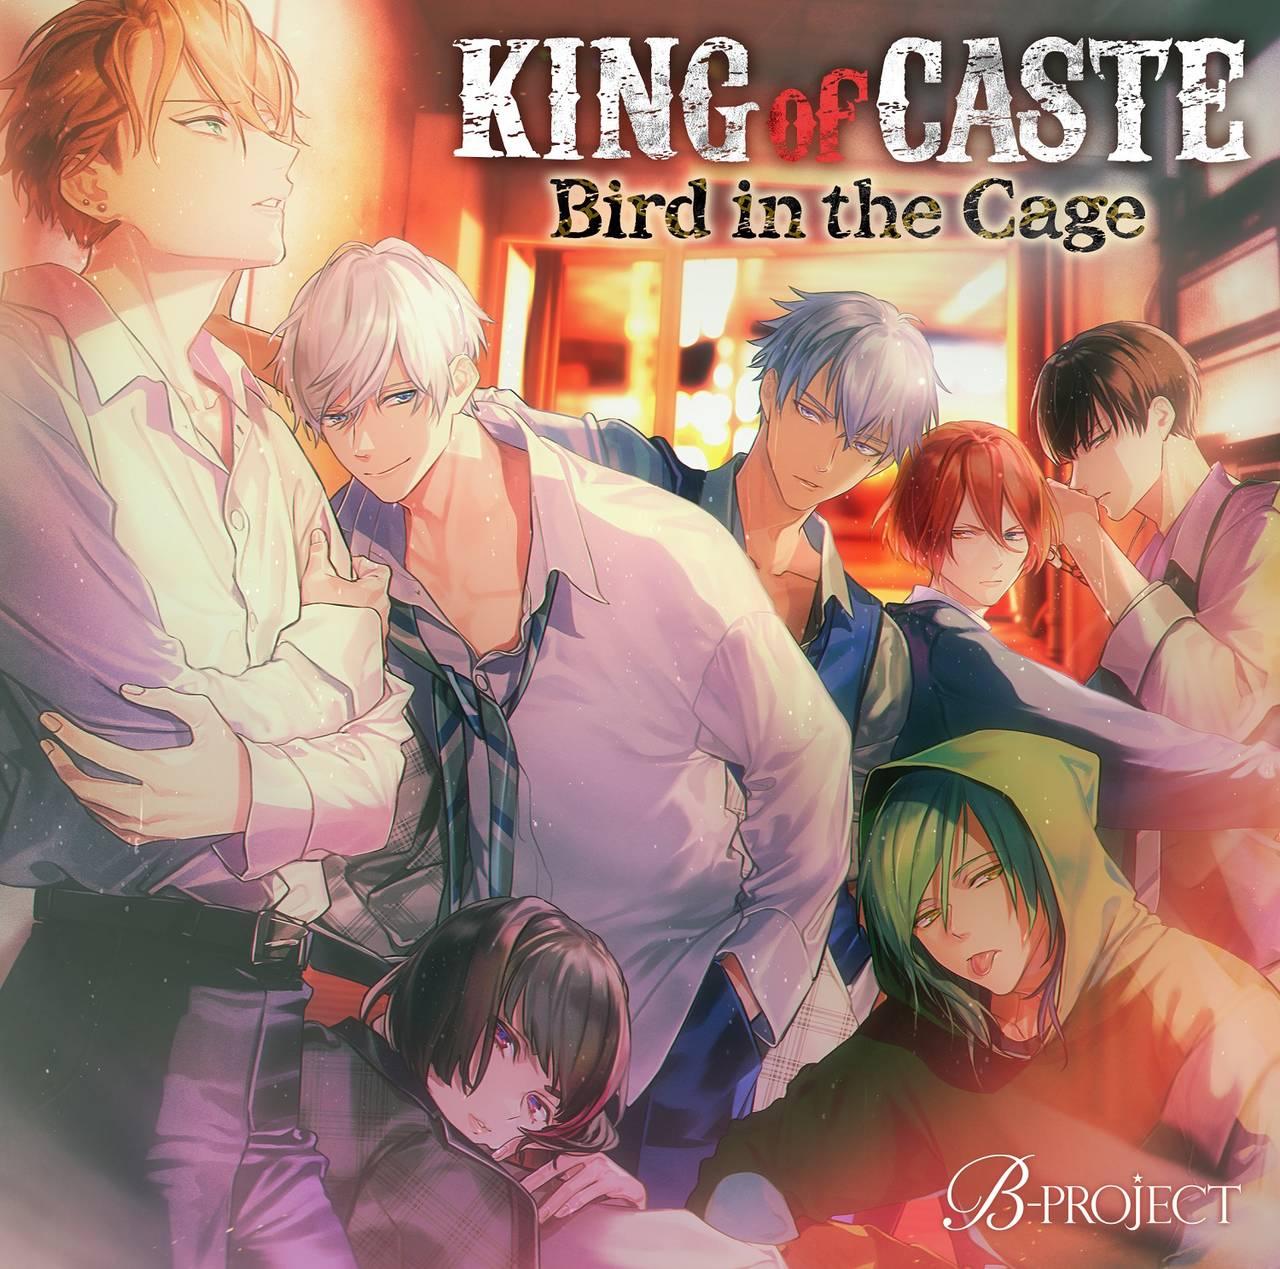 B-PROJECT『KING of CASTE』雪広うたこ撮り下ろしジャケット公開!試聴&店舗特典も解禁